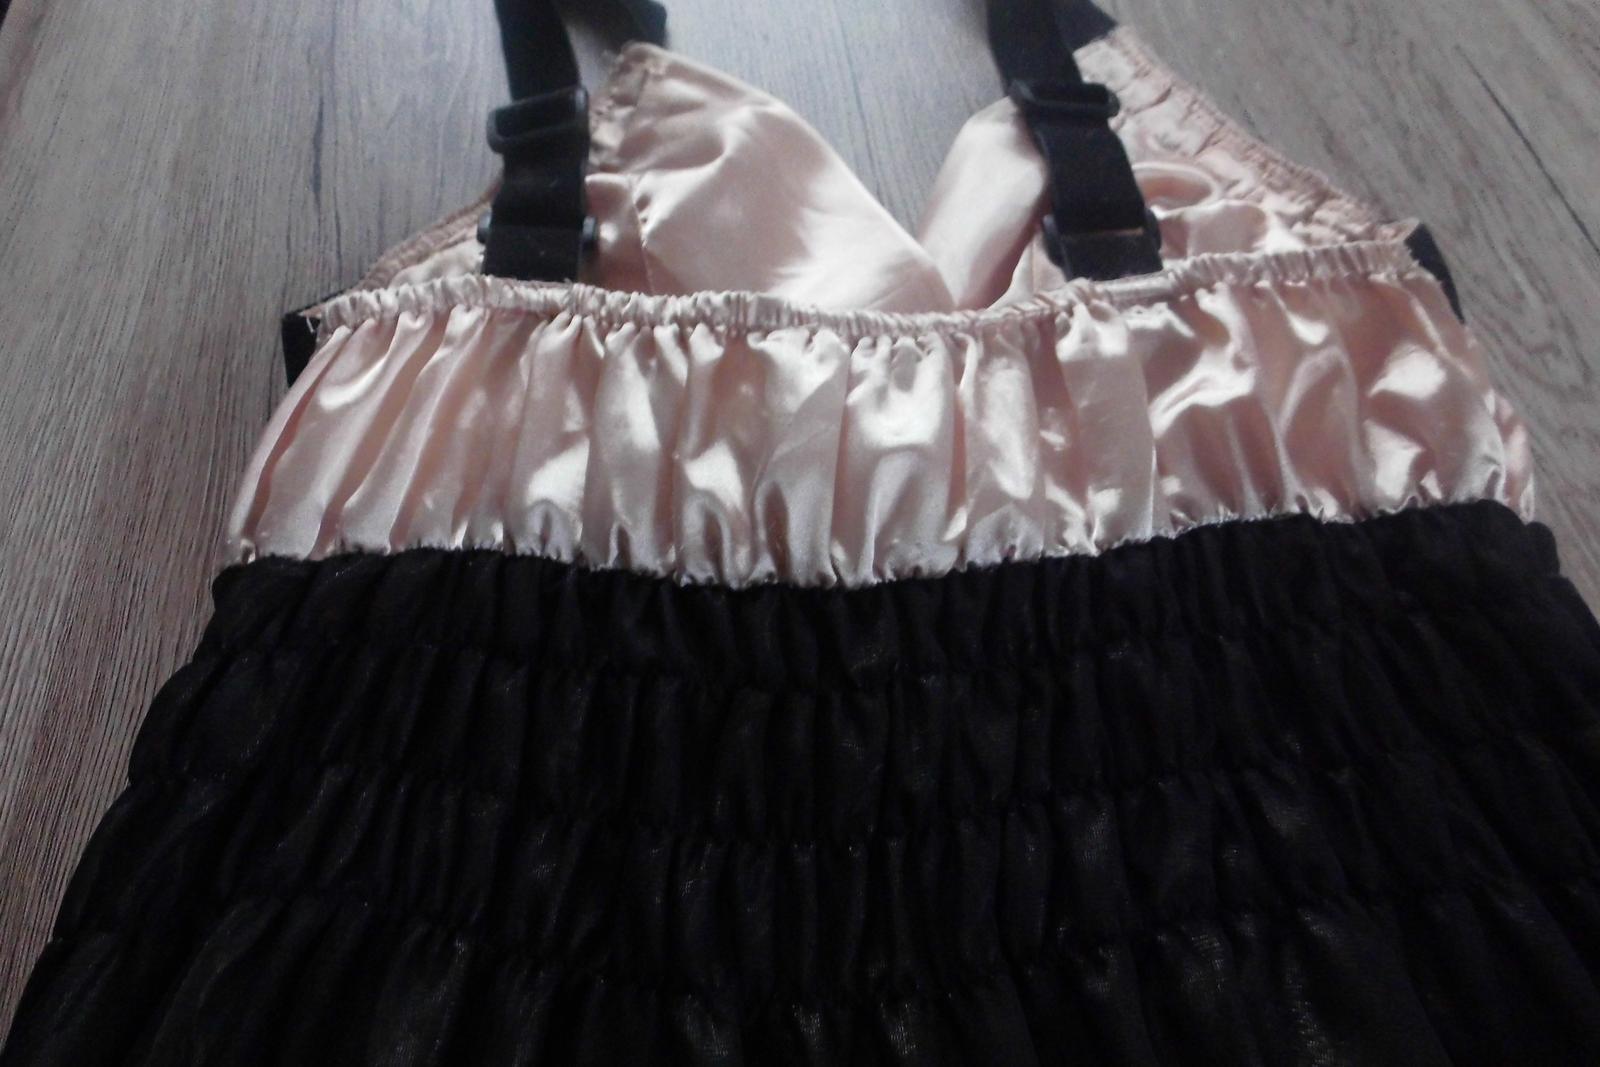 Šaty - Obrázek č. 4